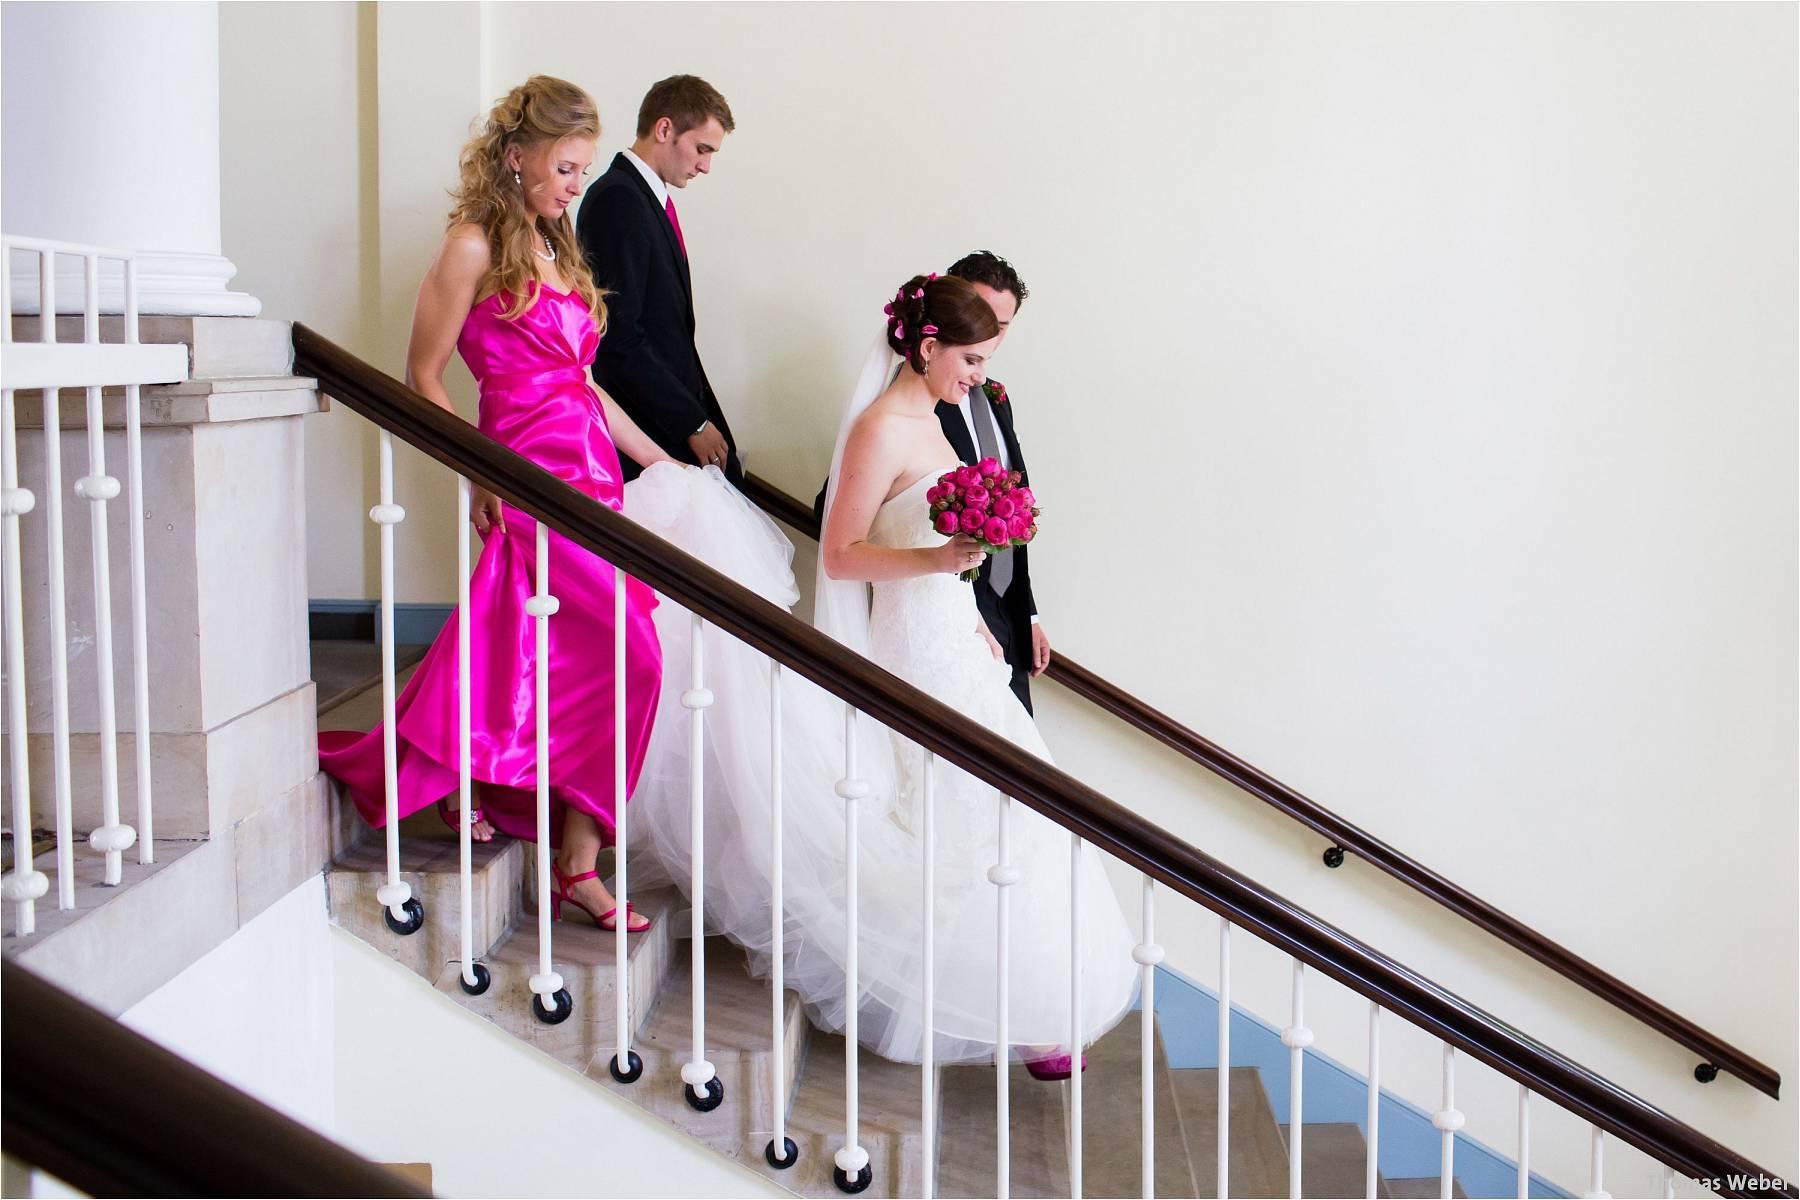 Hochzeitsfotograf Oldenburg: Russische Hochzeit im Standesamt am Pferdemarkt und Hochzeitsfeier im Landhaus Etzhorn (11)